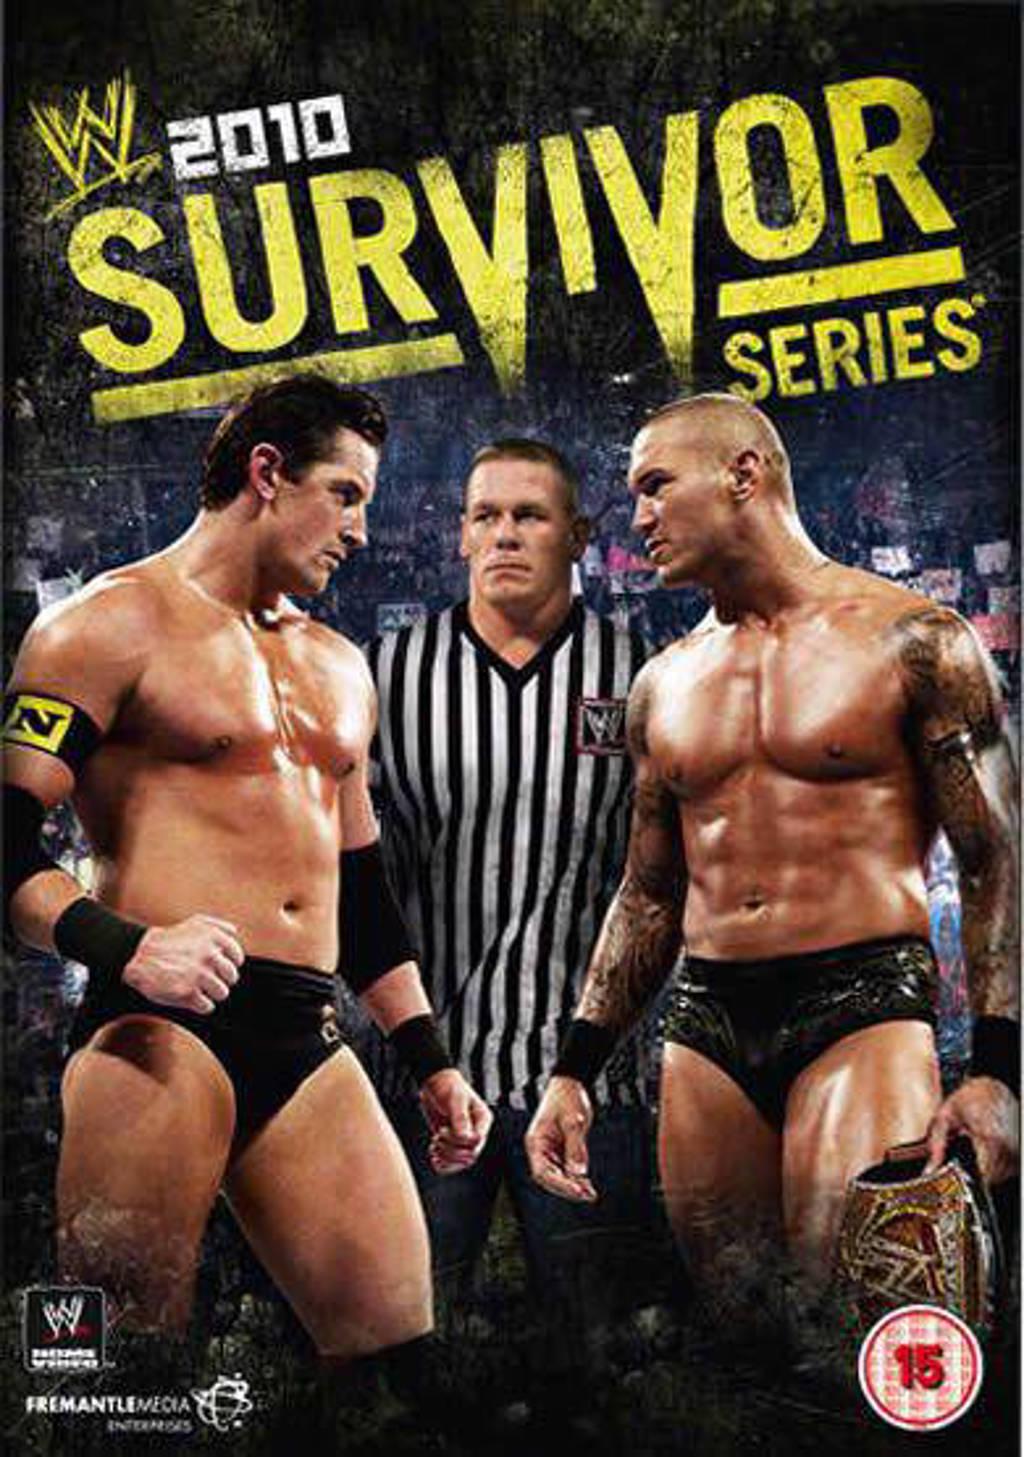 WWE - Survivor Series 2010 (DVD)